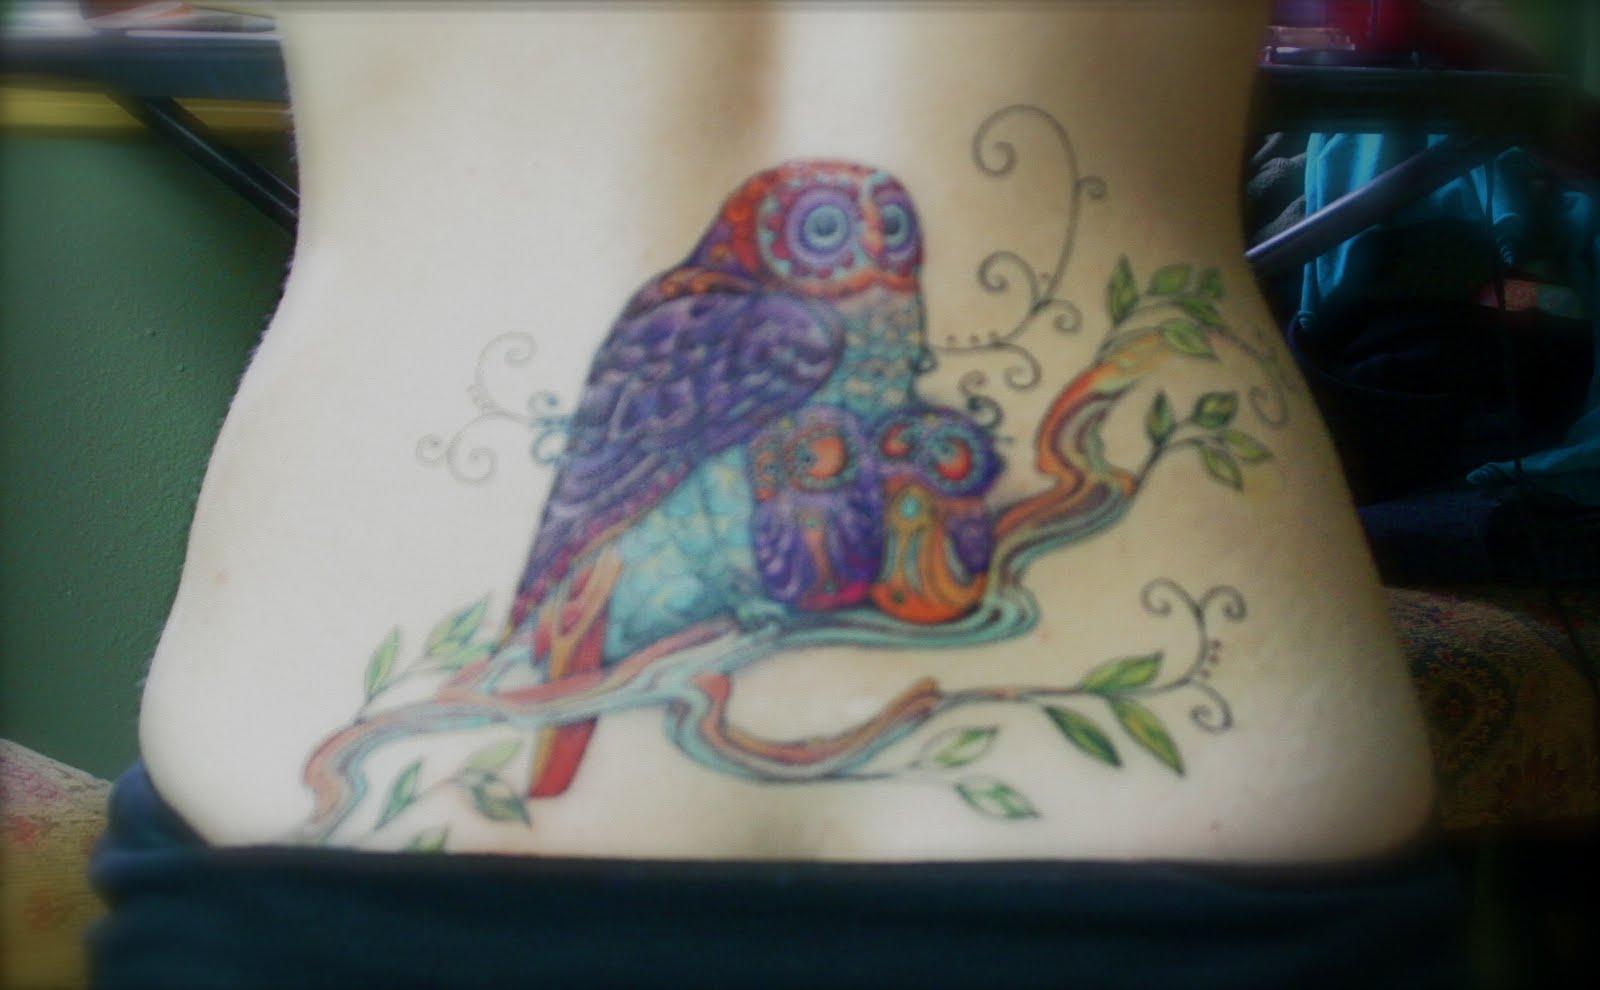 http://1.bp.blogspot.com/_HBBT7MWCt2E/TSpt5a4DieI/AAAAAAAAAeM/HNRKCZK3PHw/s1600/tattoo%2Brighted.jpg